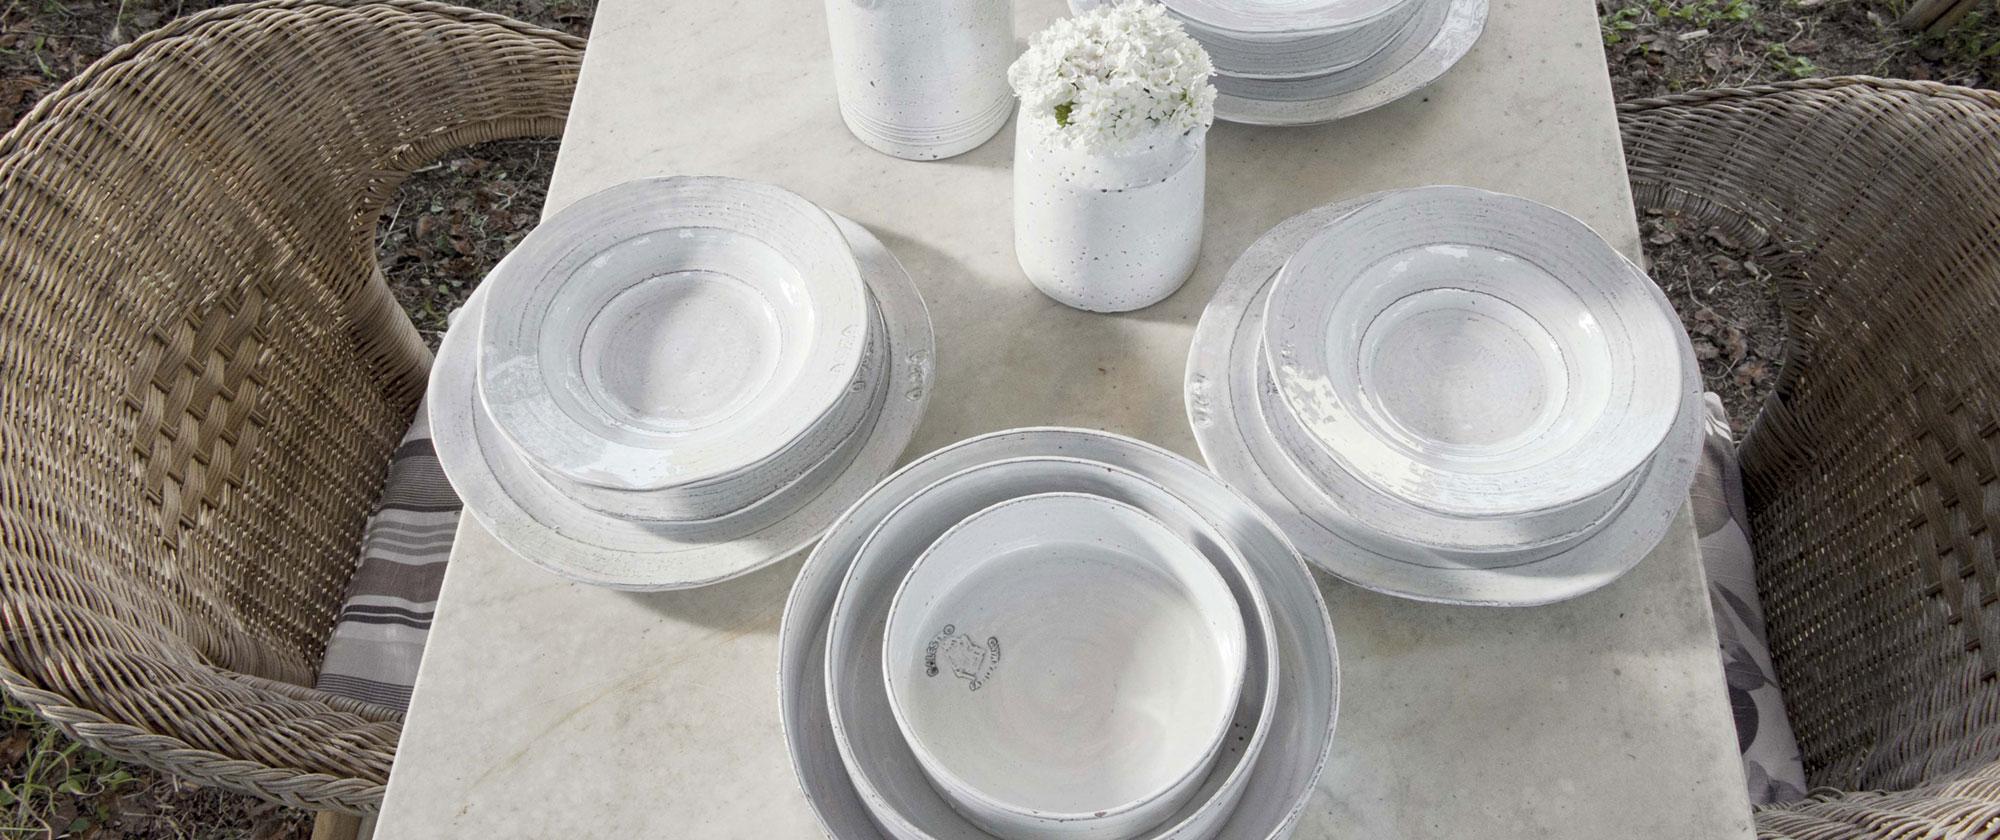 Virginia Casa Ceramiche Prezzi.Virginia Casa Linea Galestro